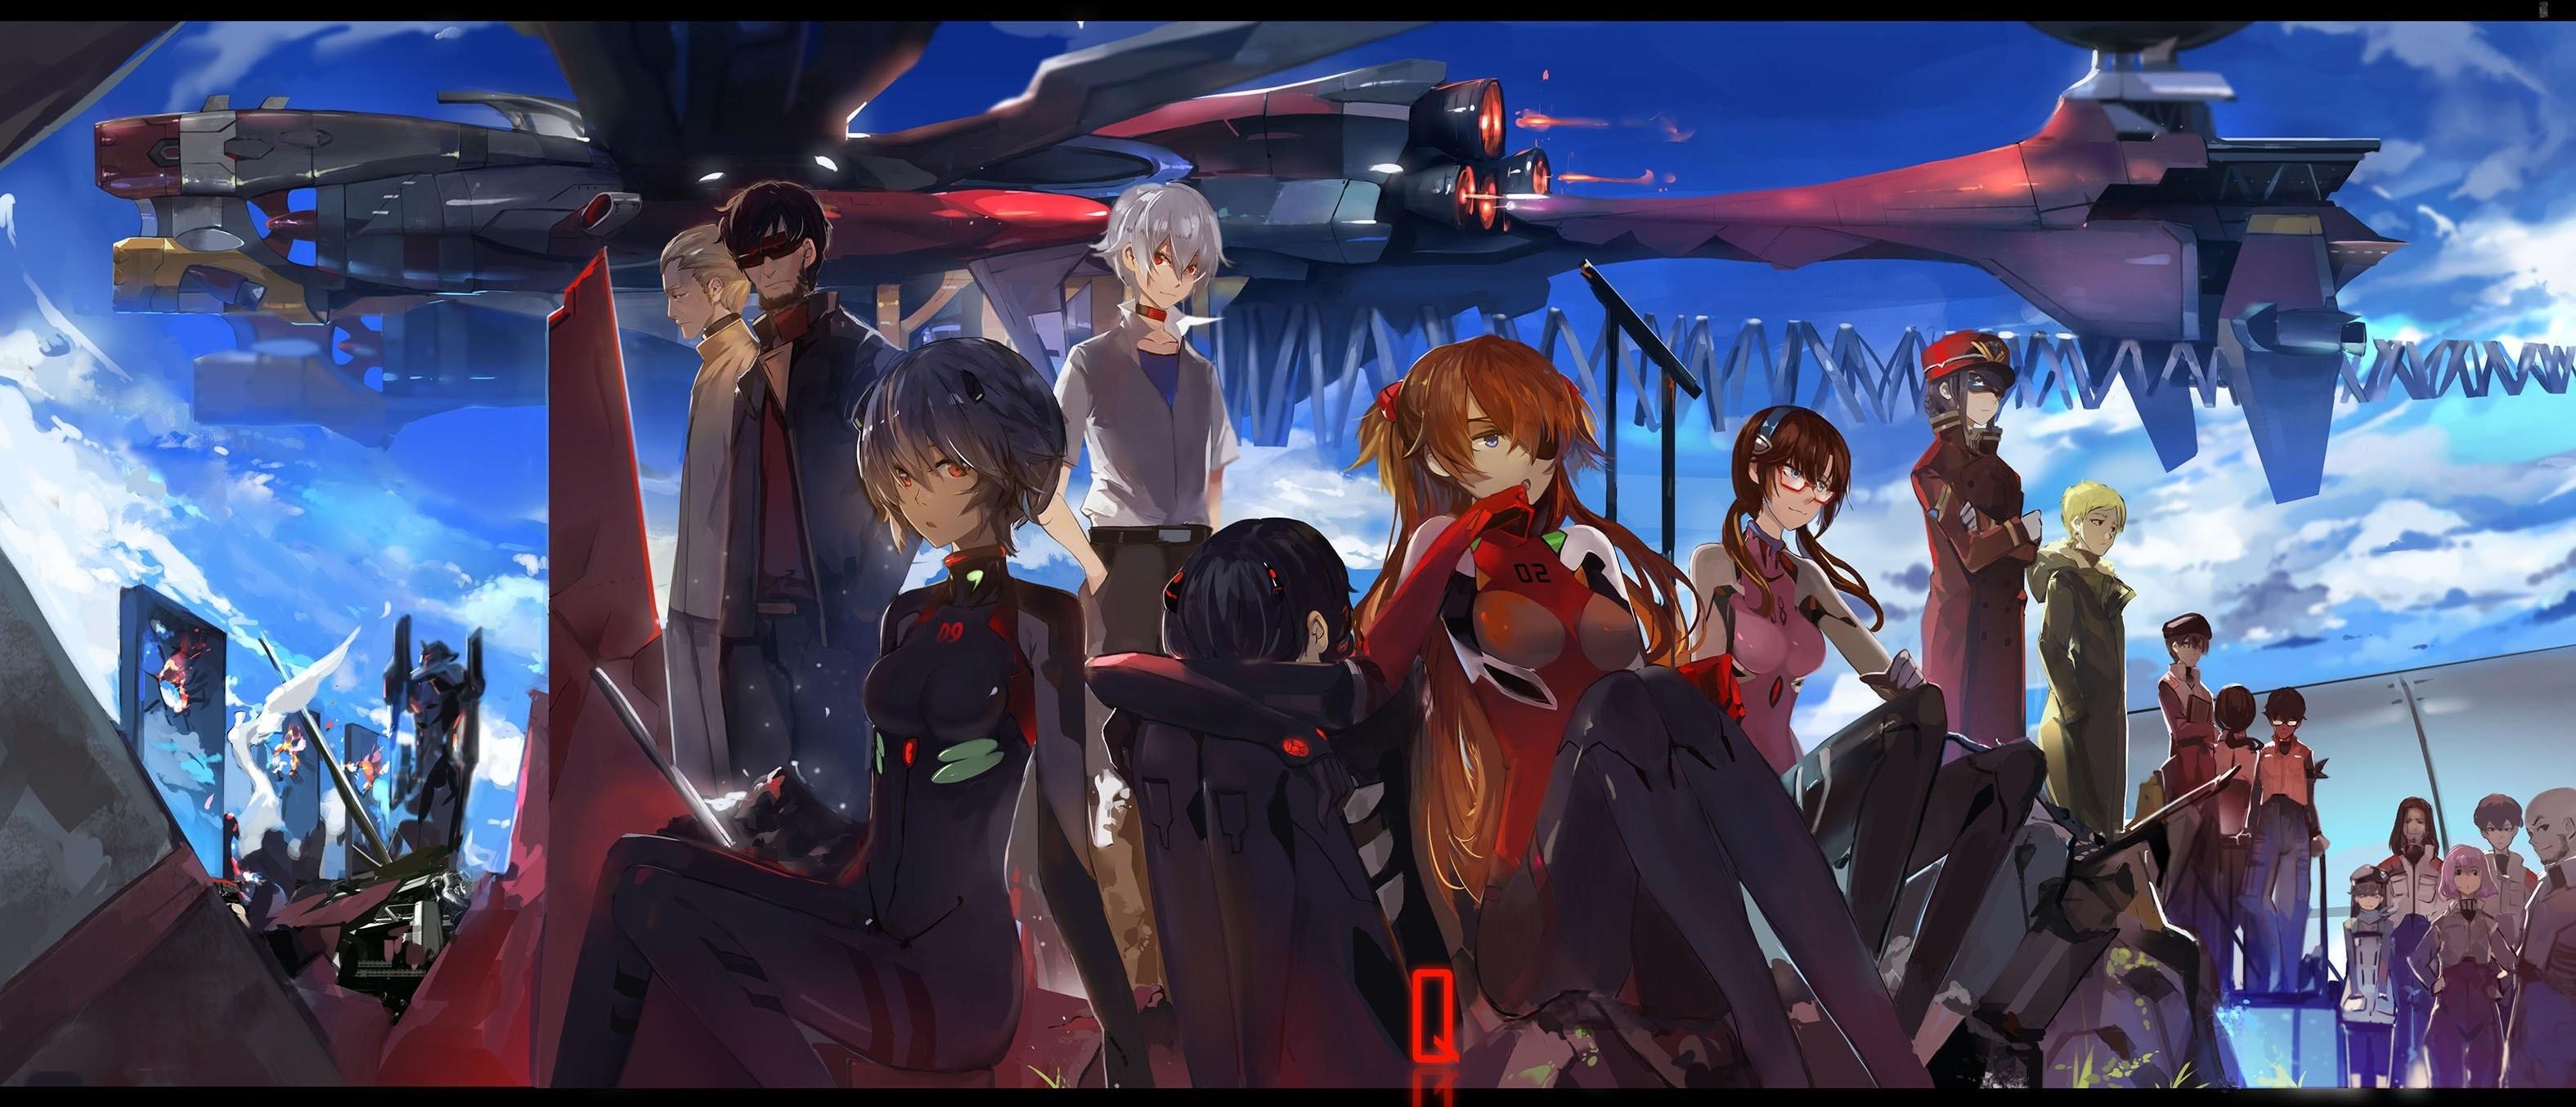 Rei Ayanami HD Wallpapers Backgrounds Wallpaper · Neon Genesis EvangelionDesktop  …